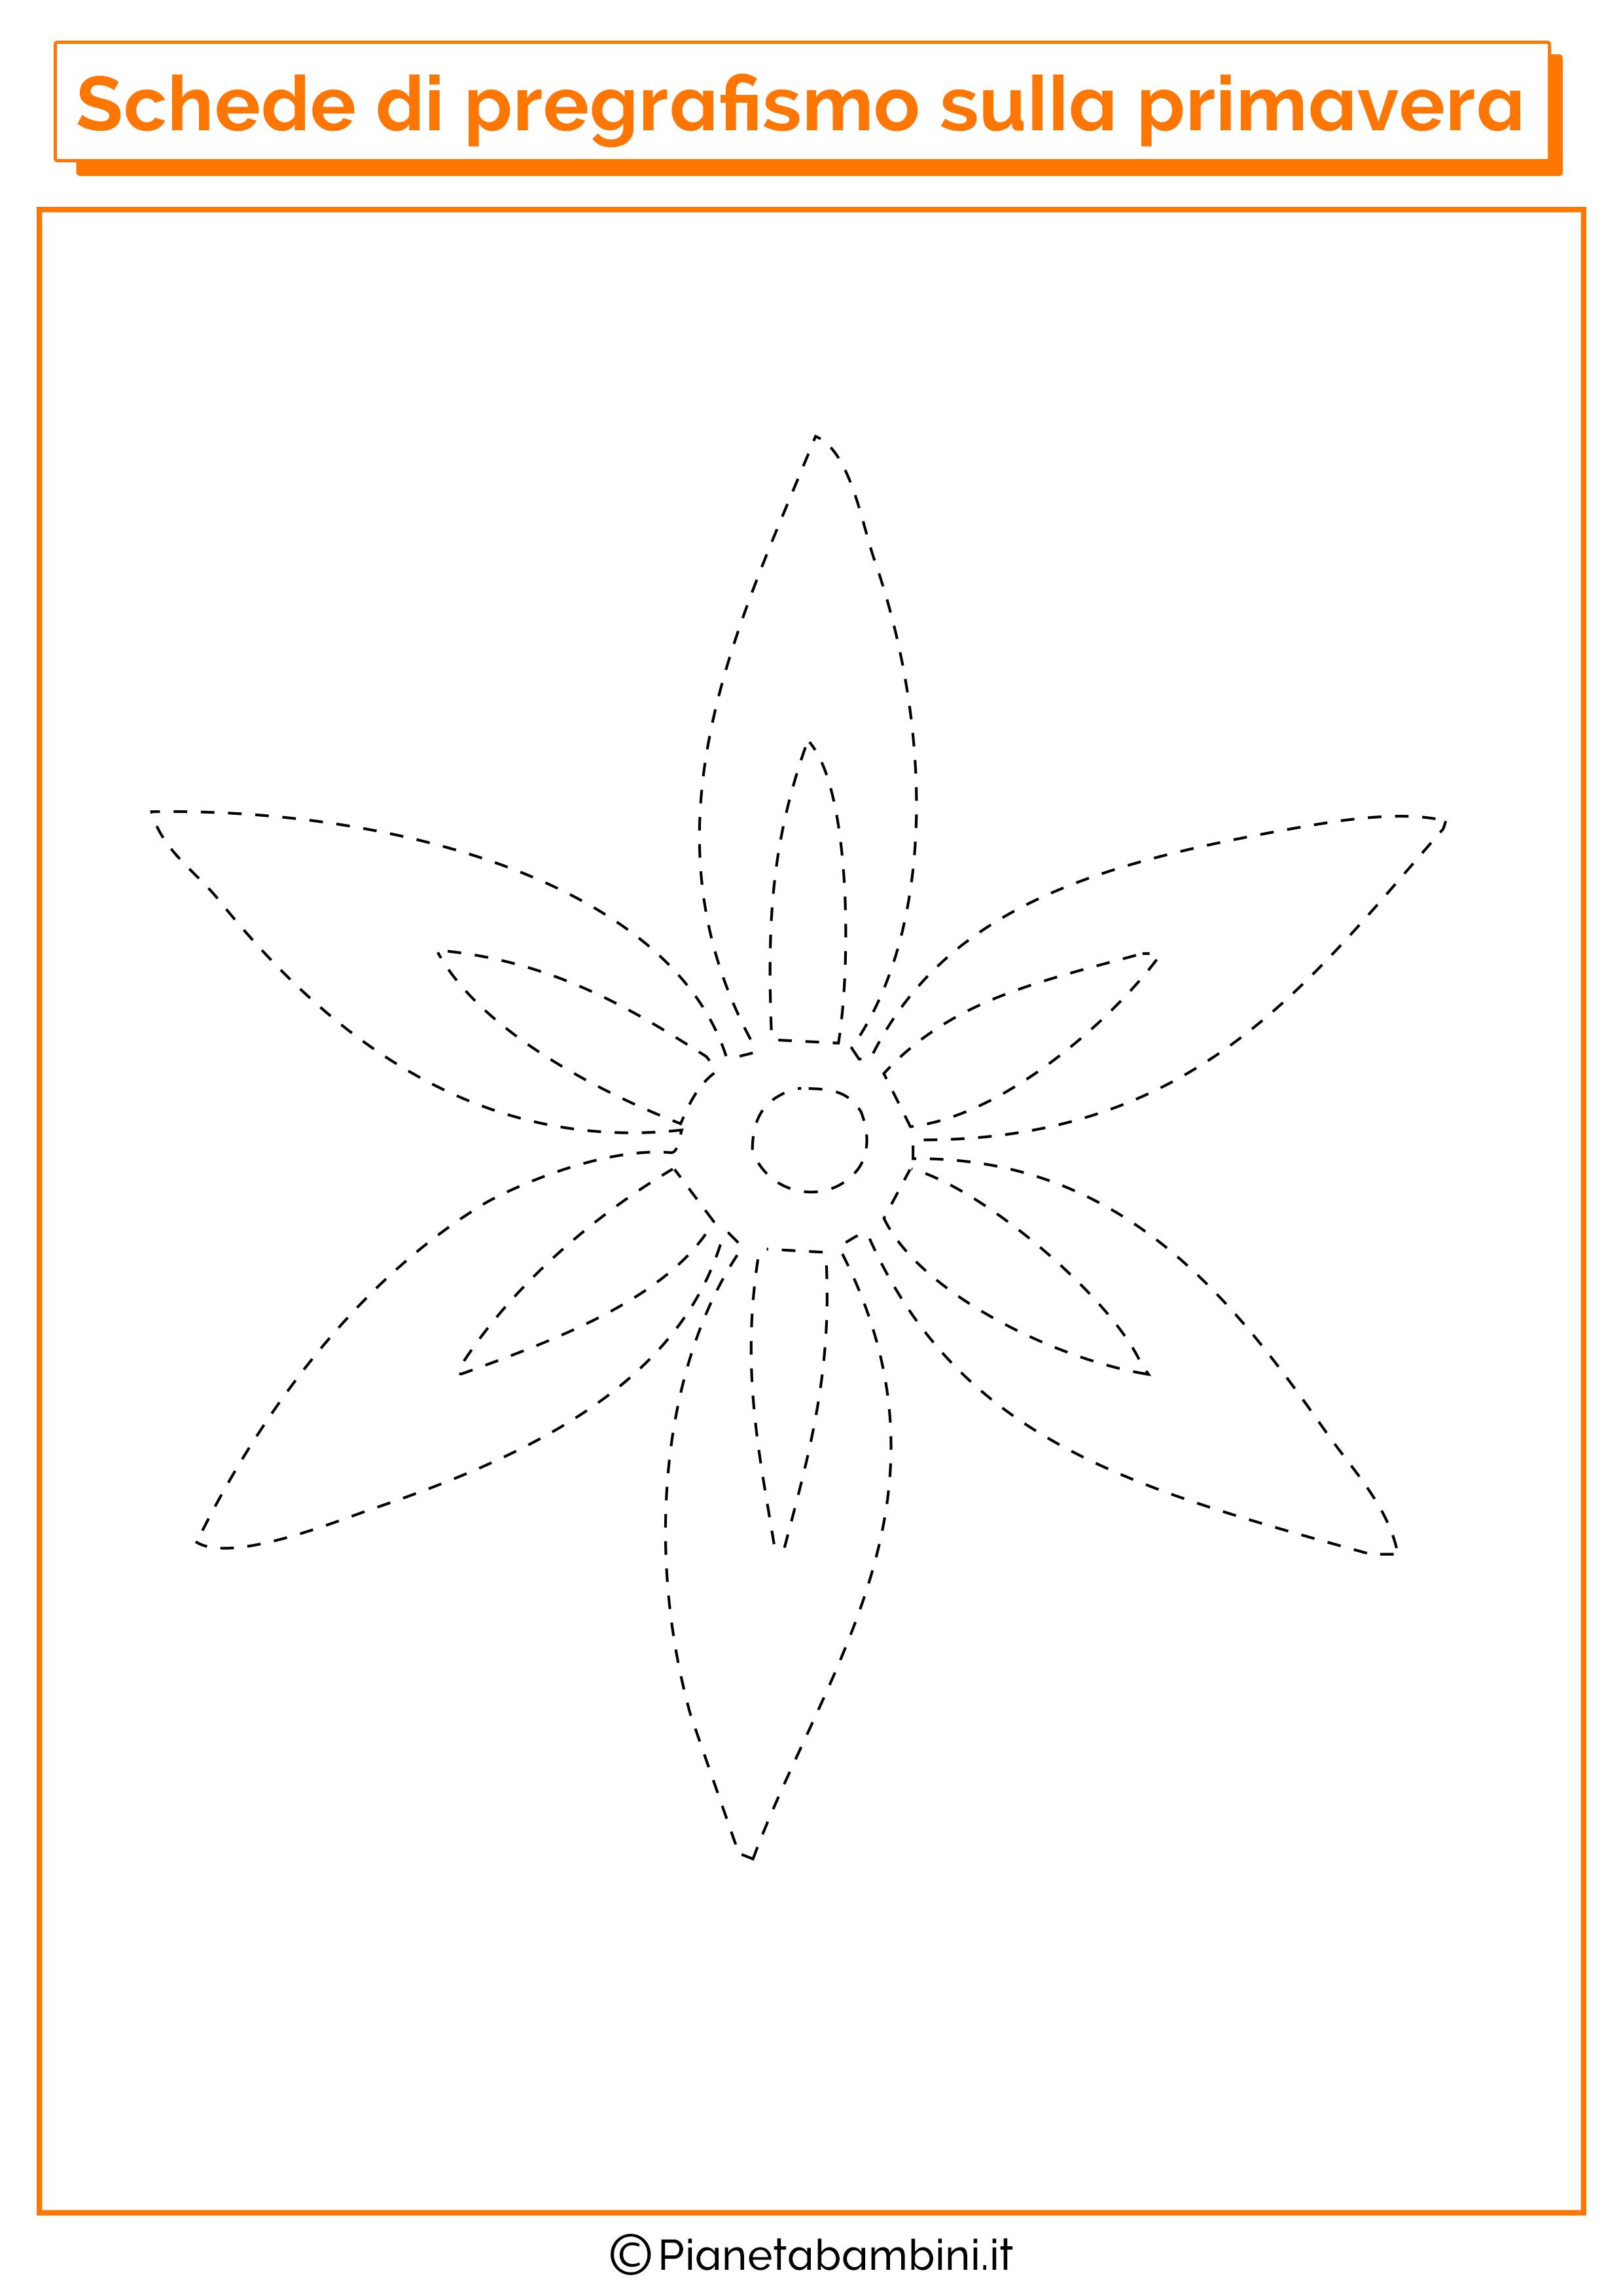 Pregrafismo-Primavera-Fiore-6